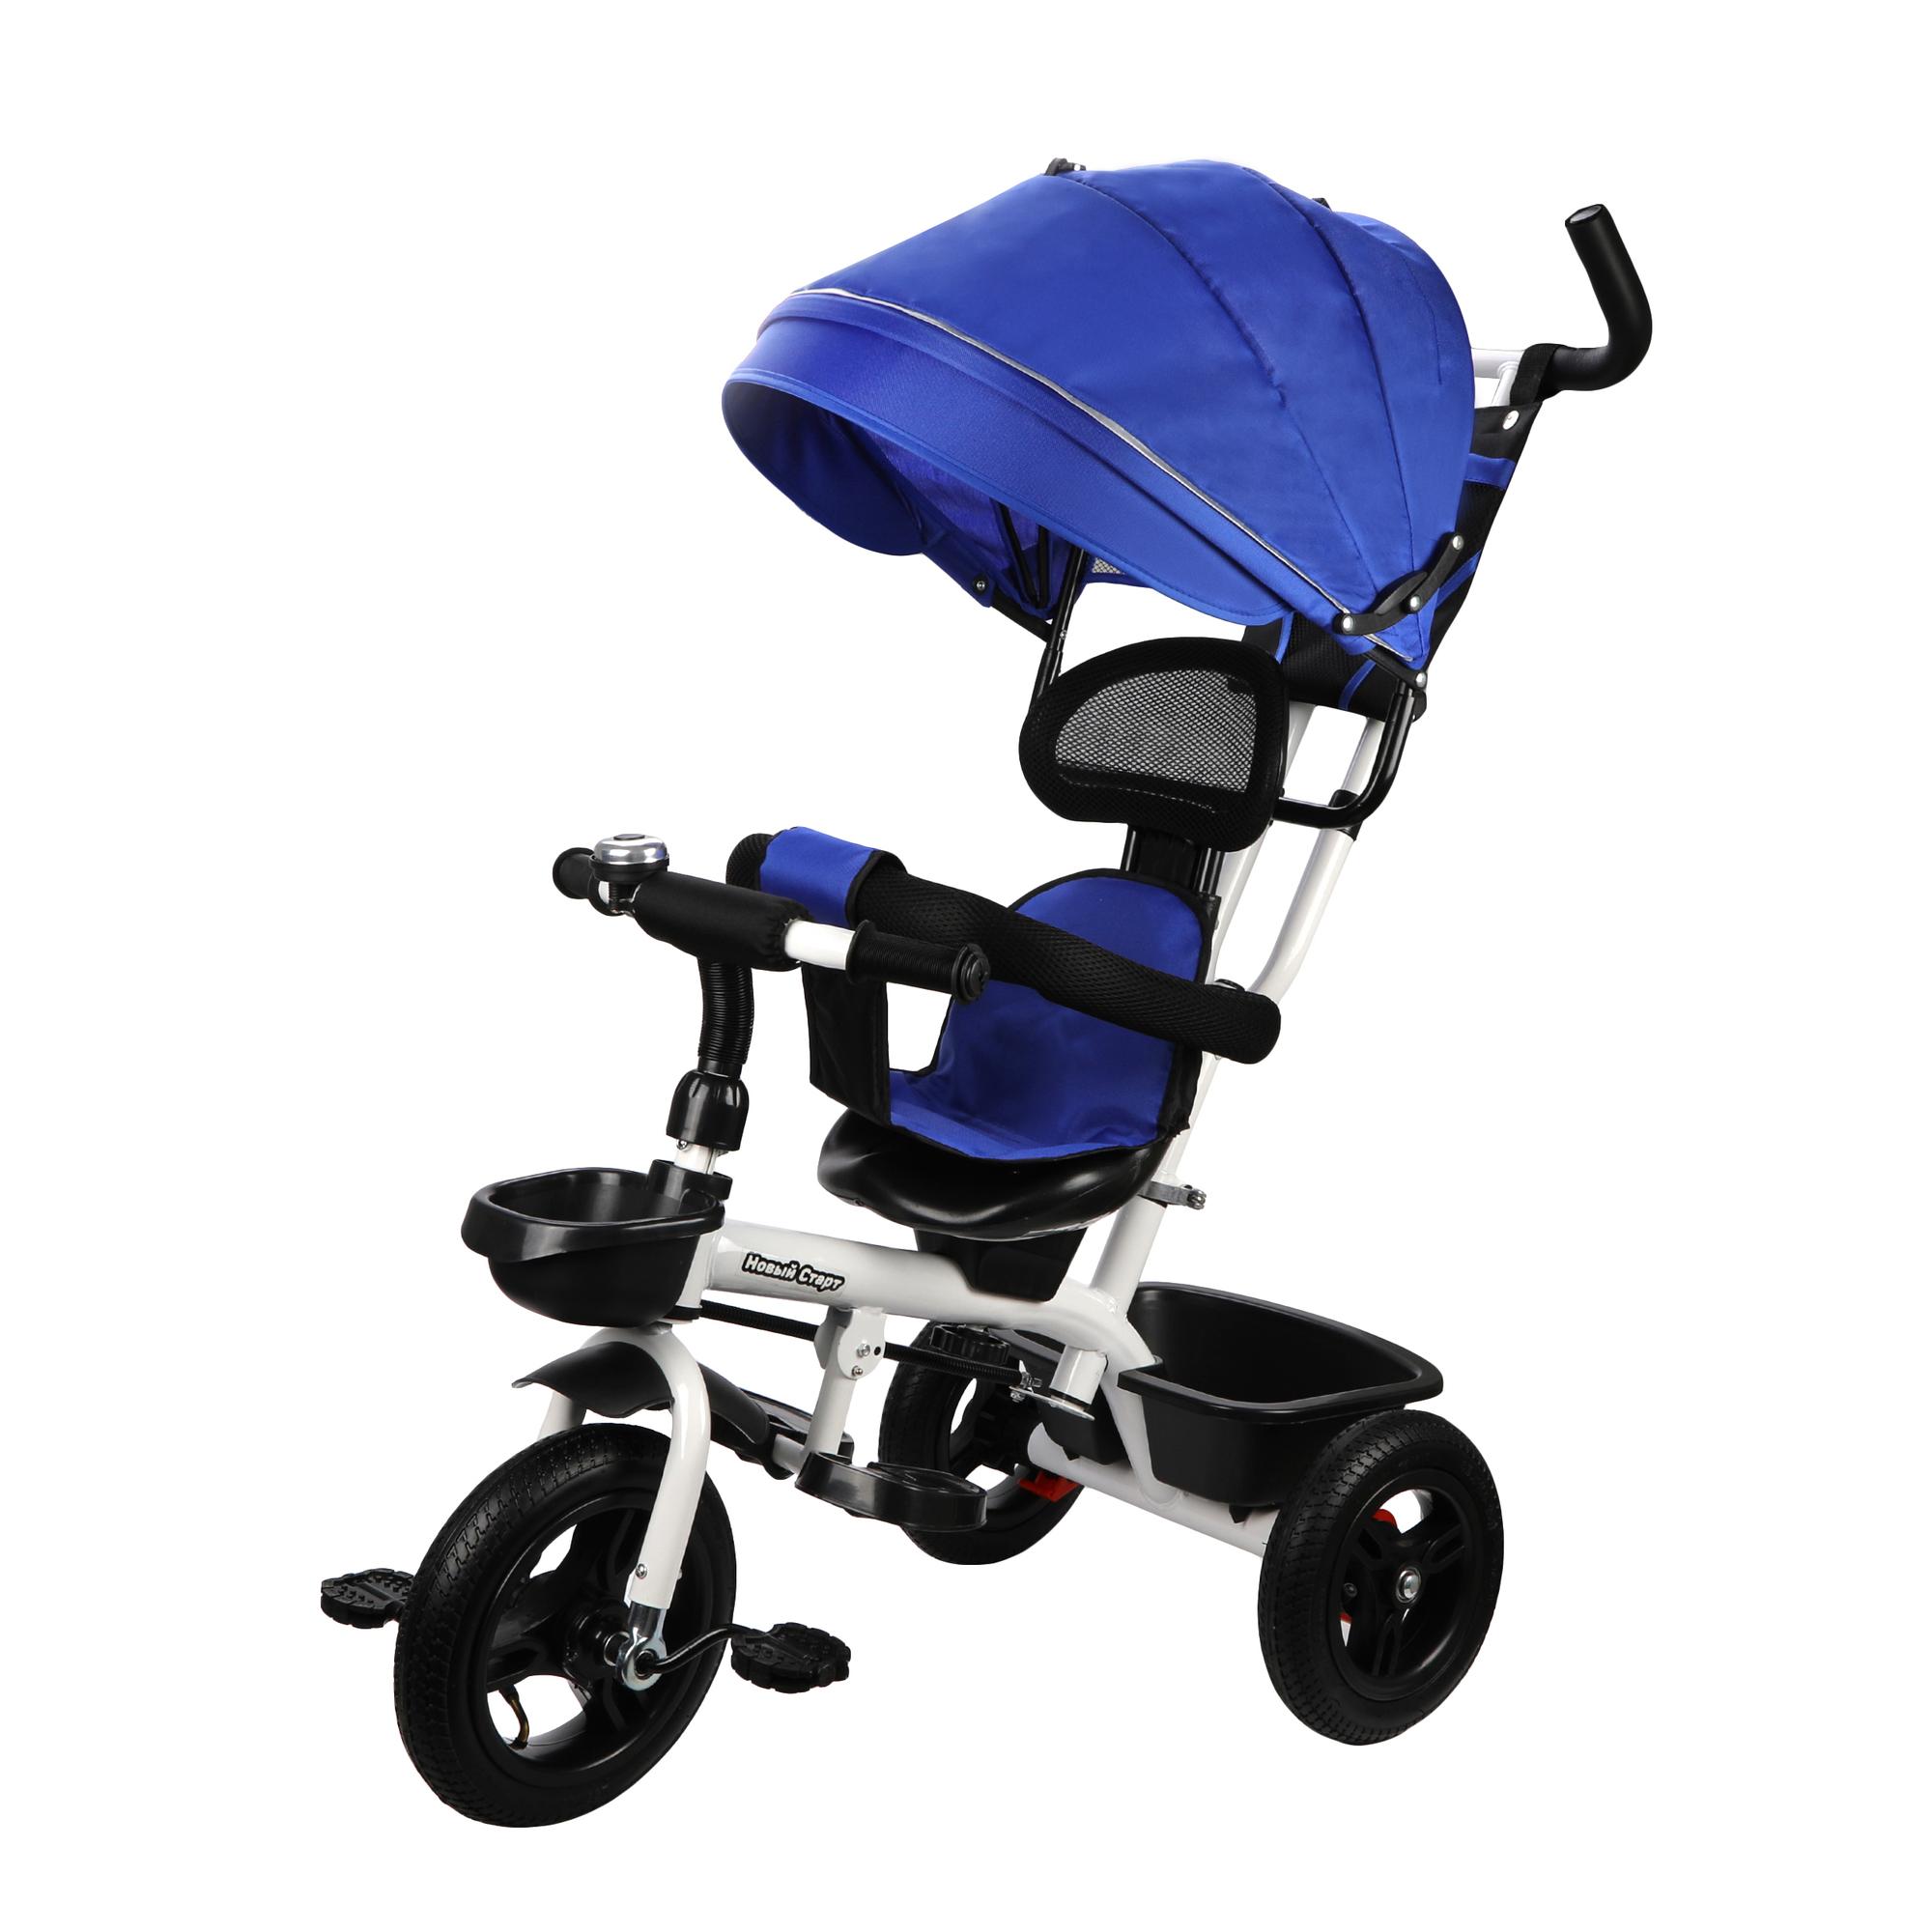 Купить Велосипед трехколесный Новый Старт 360° синий 641231, Наша игрушка, Детские велосипеды-коляски